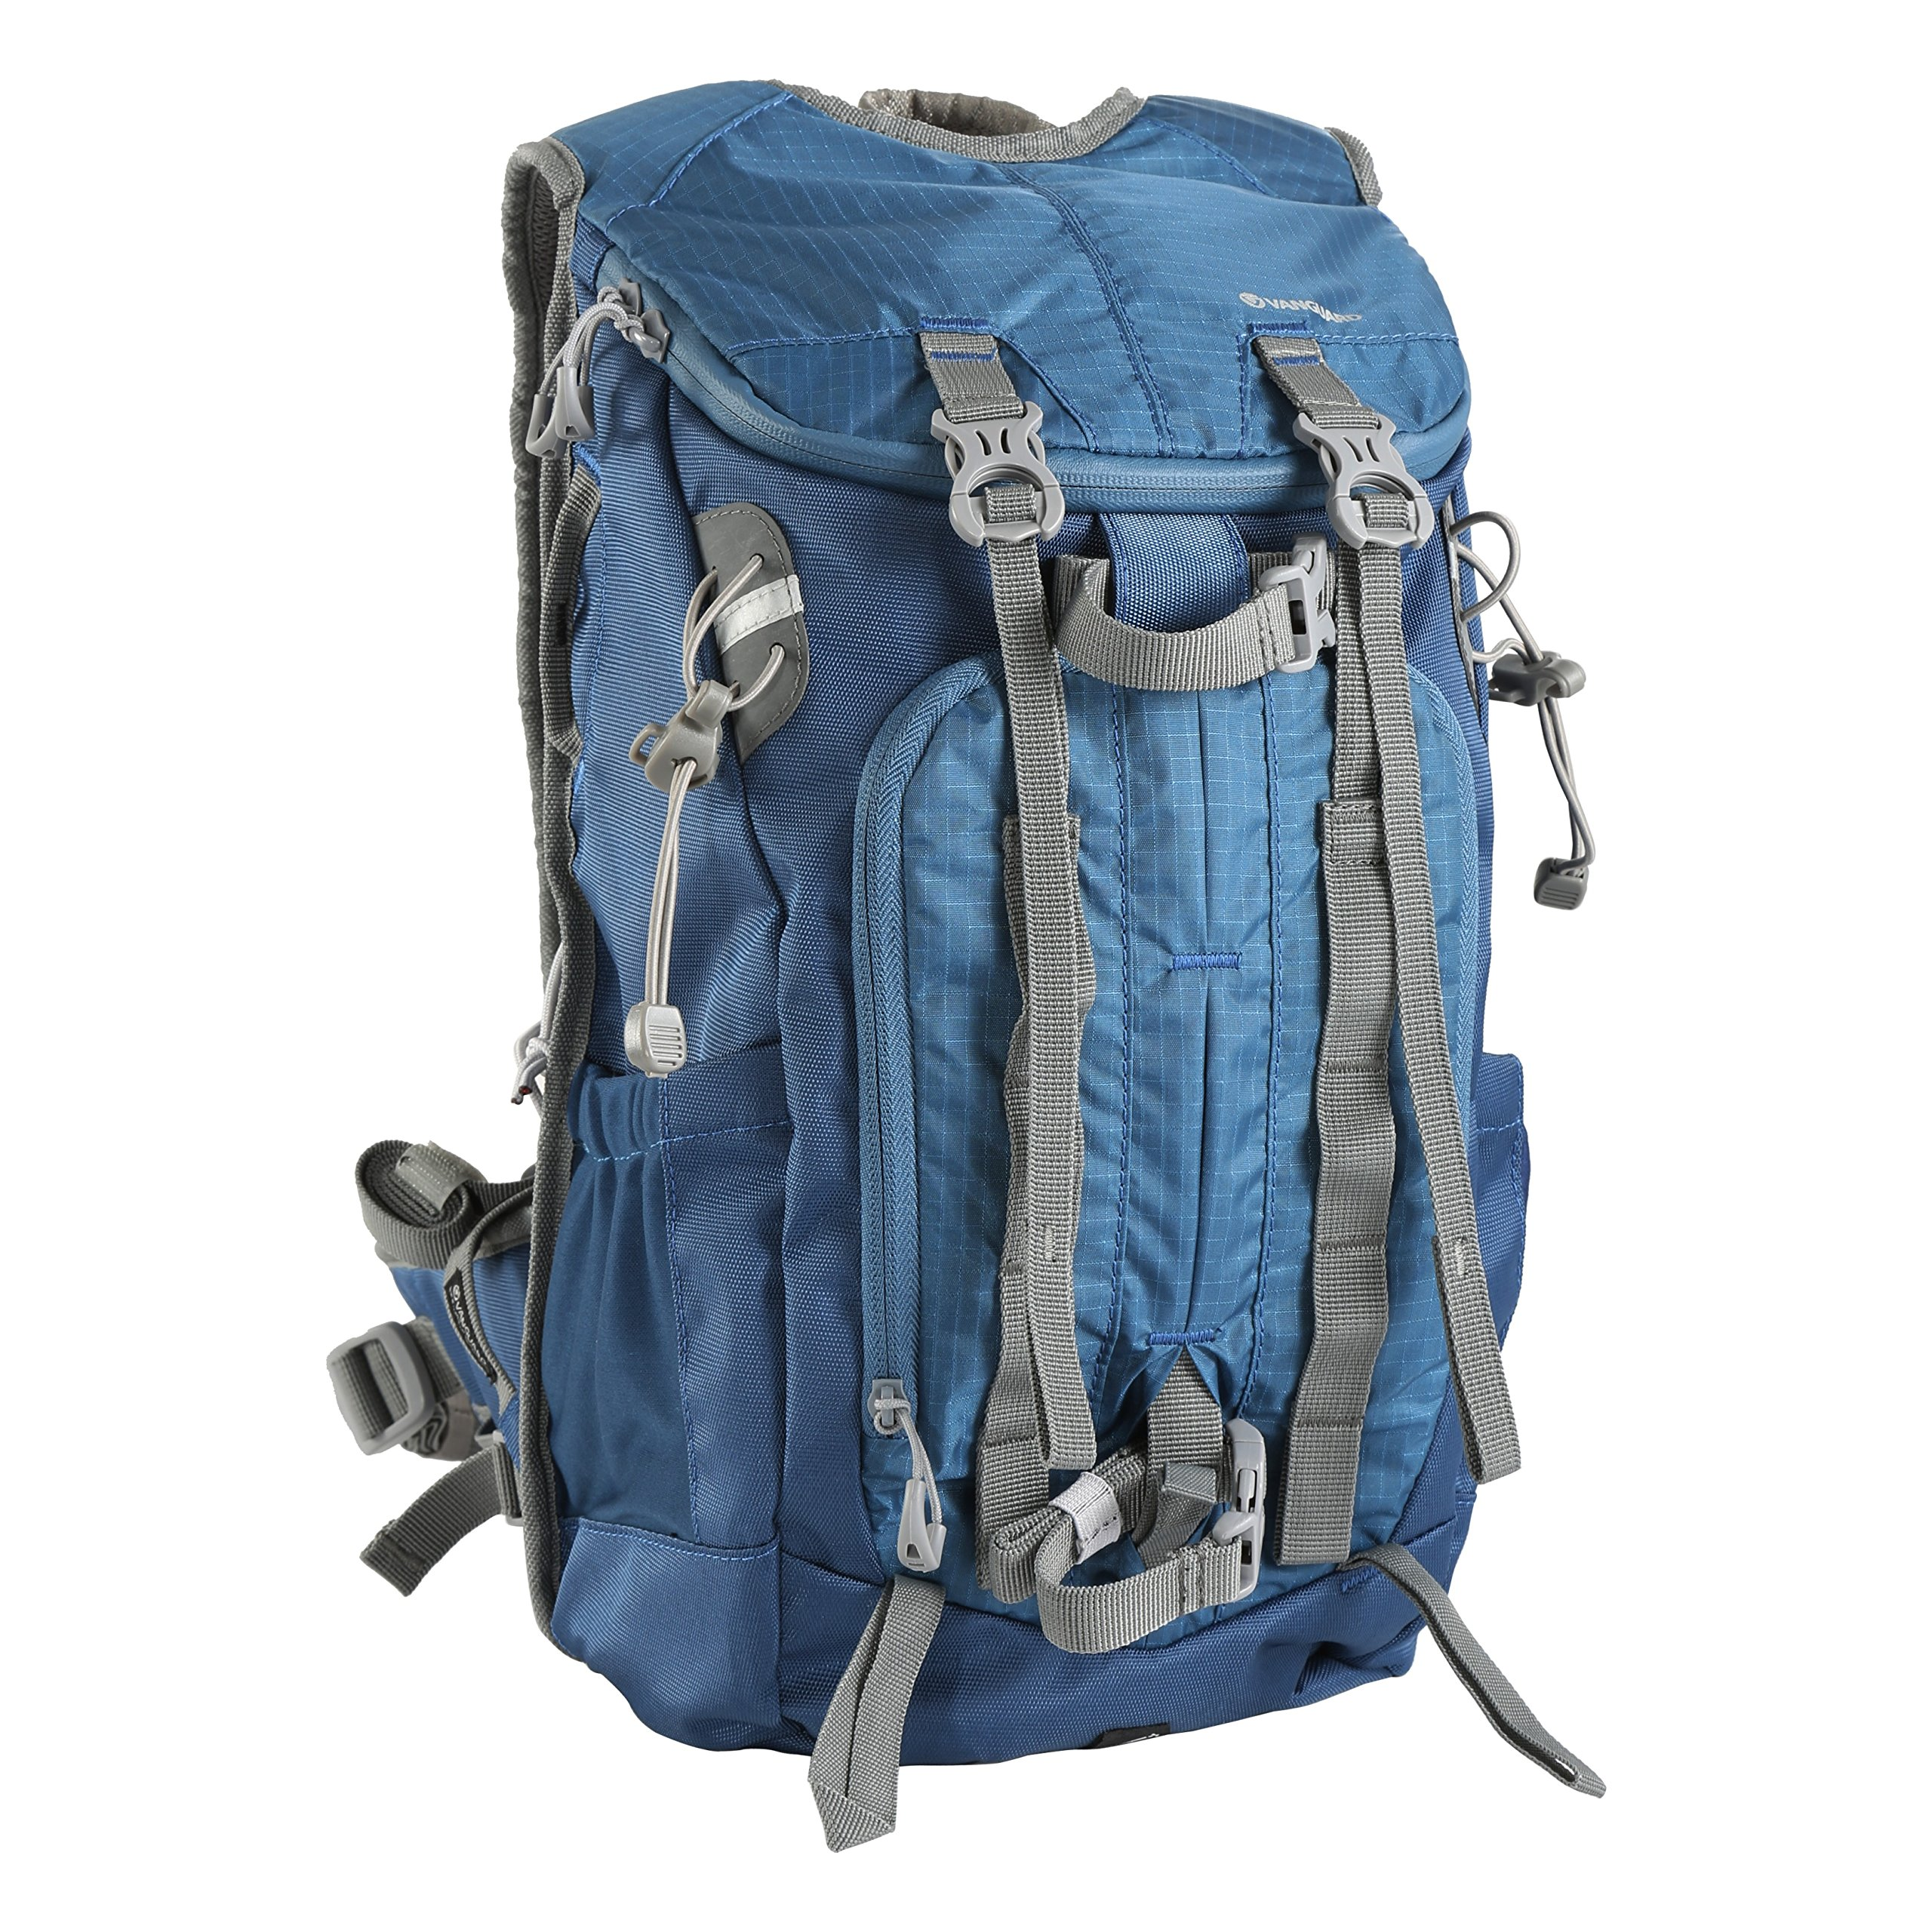 VANGUARD Sedona 41BL Backpack (Blue) by Vanguard